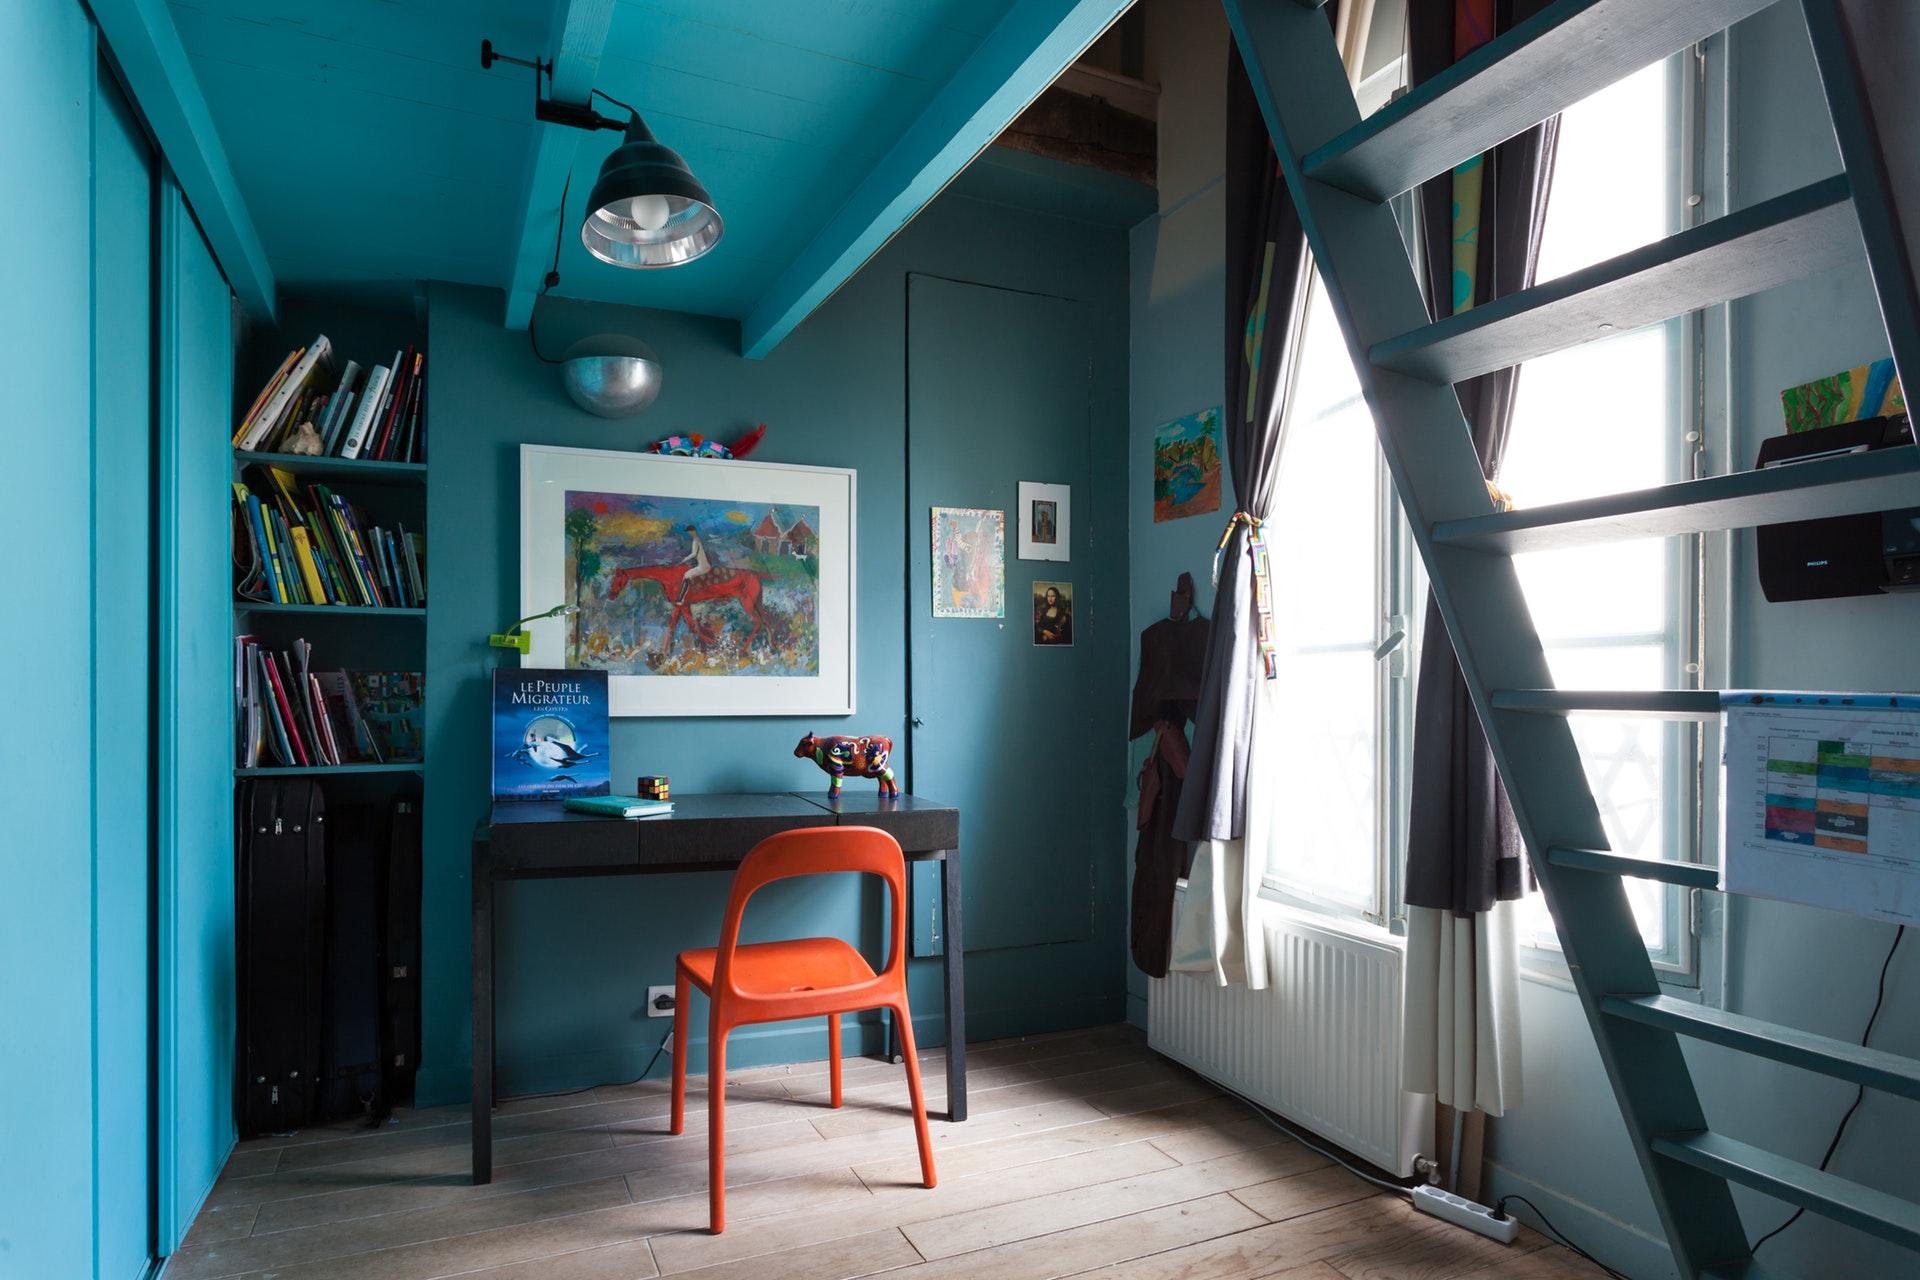 детская комната встроенный шкаф стол полки антресоли